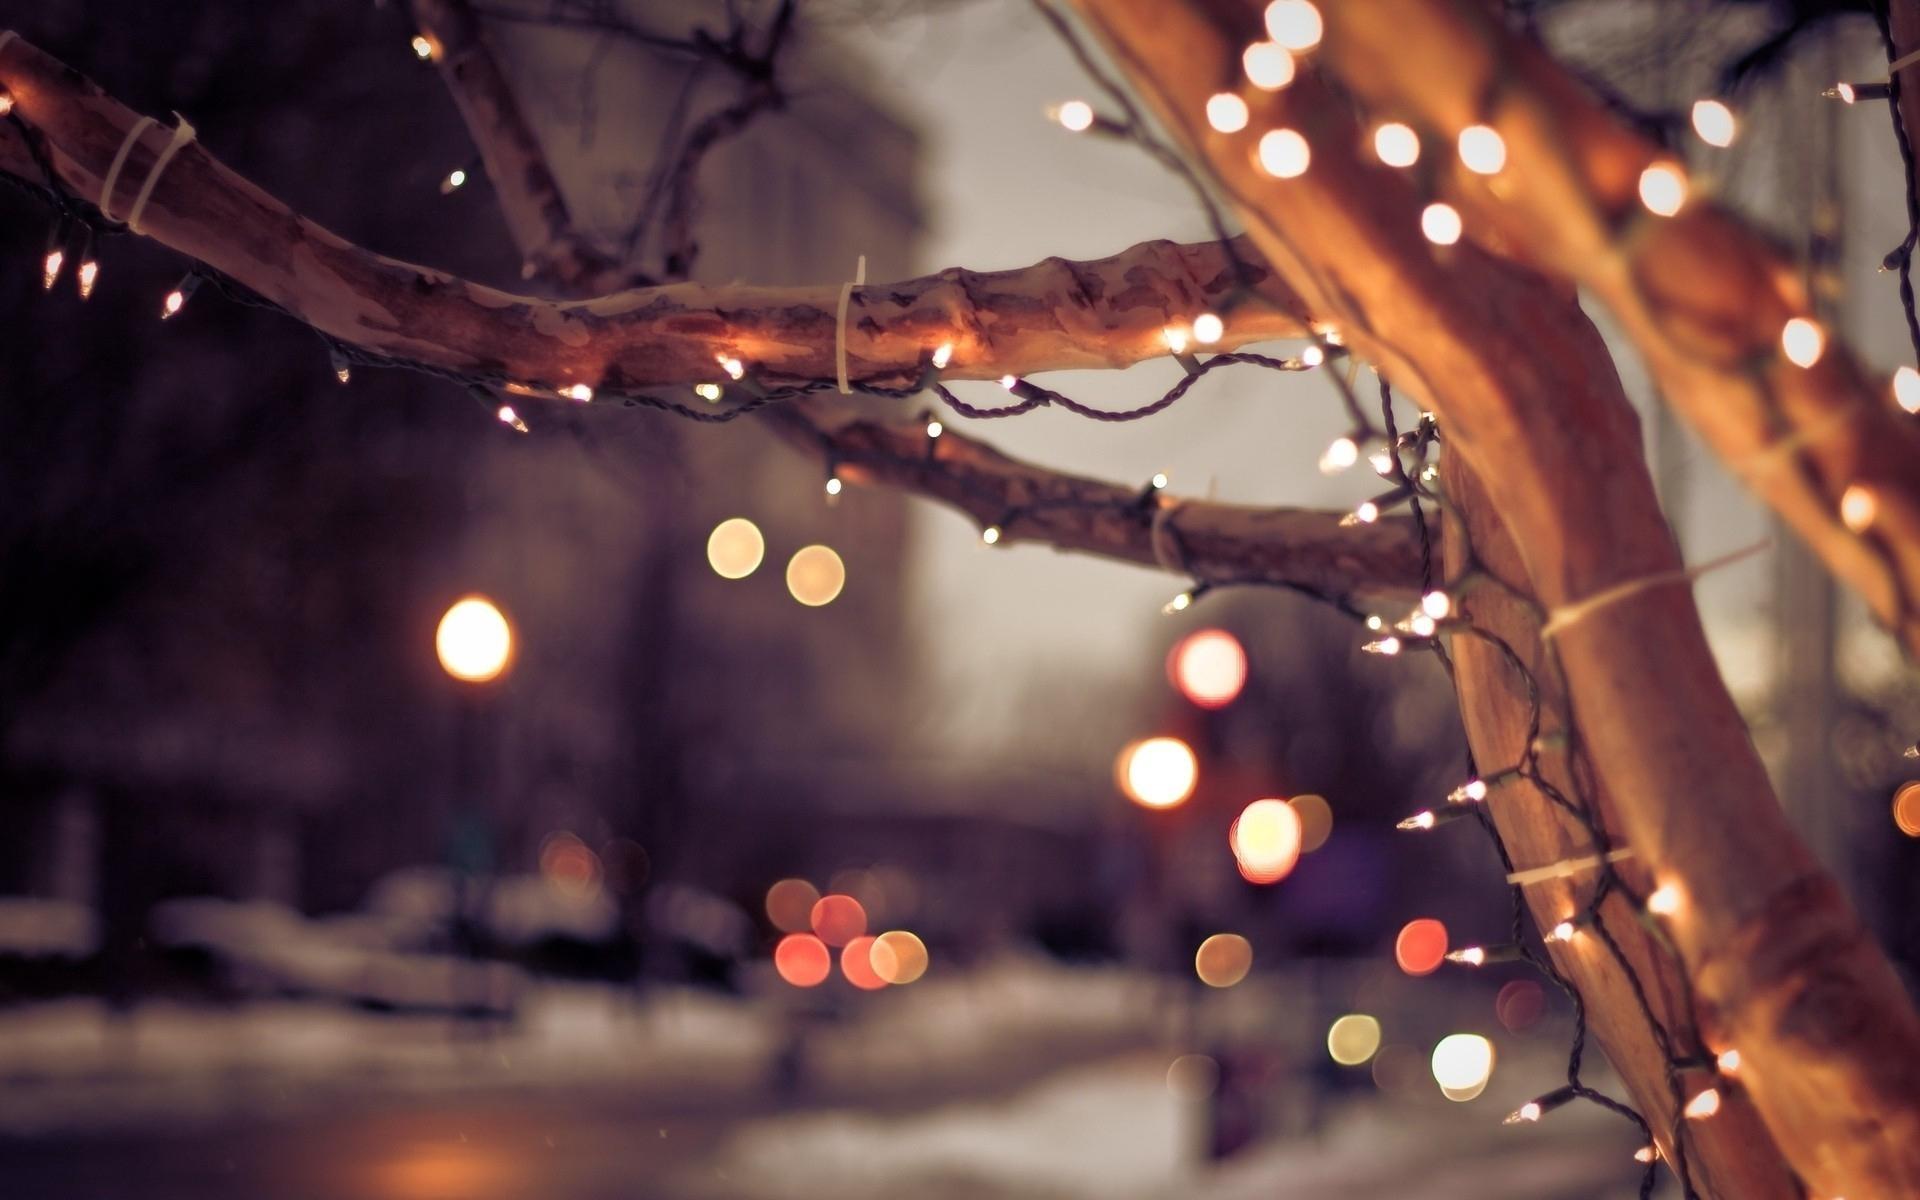 christmas-lights-desktop-hd-wallpapers - wallpaper.wiki